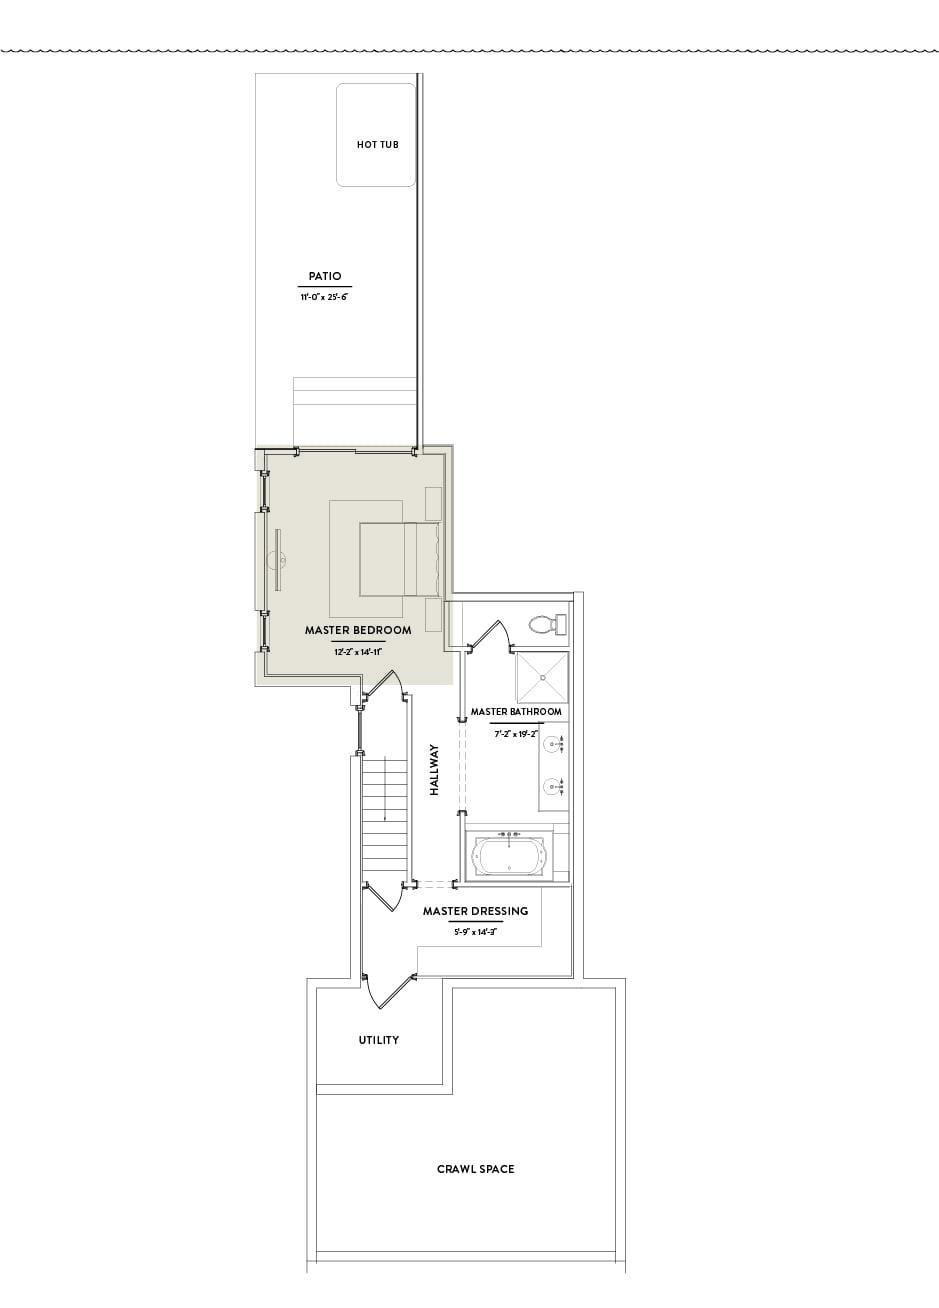 Hilltop 1 First Floor Master Bedroom